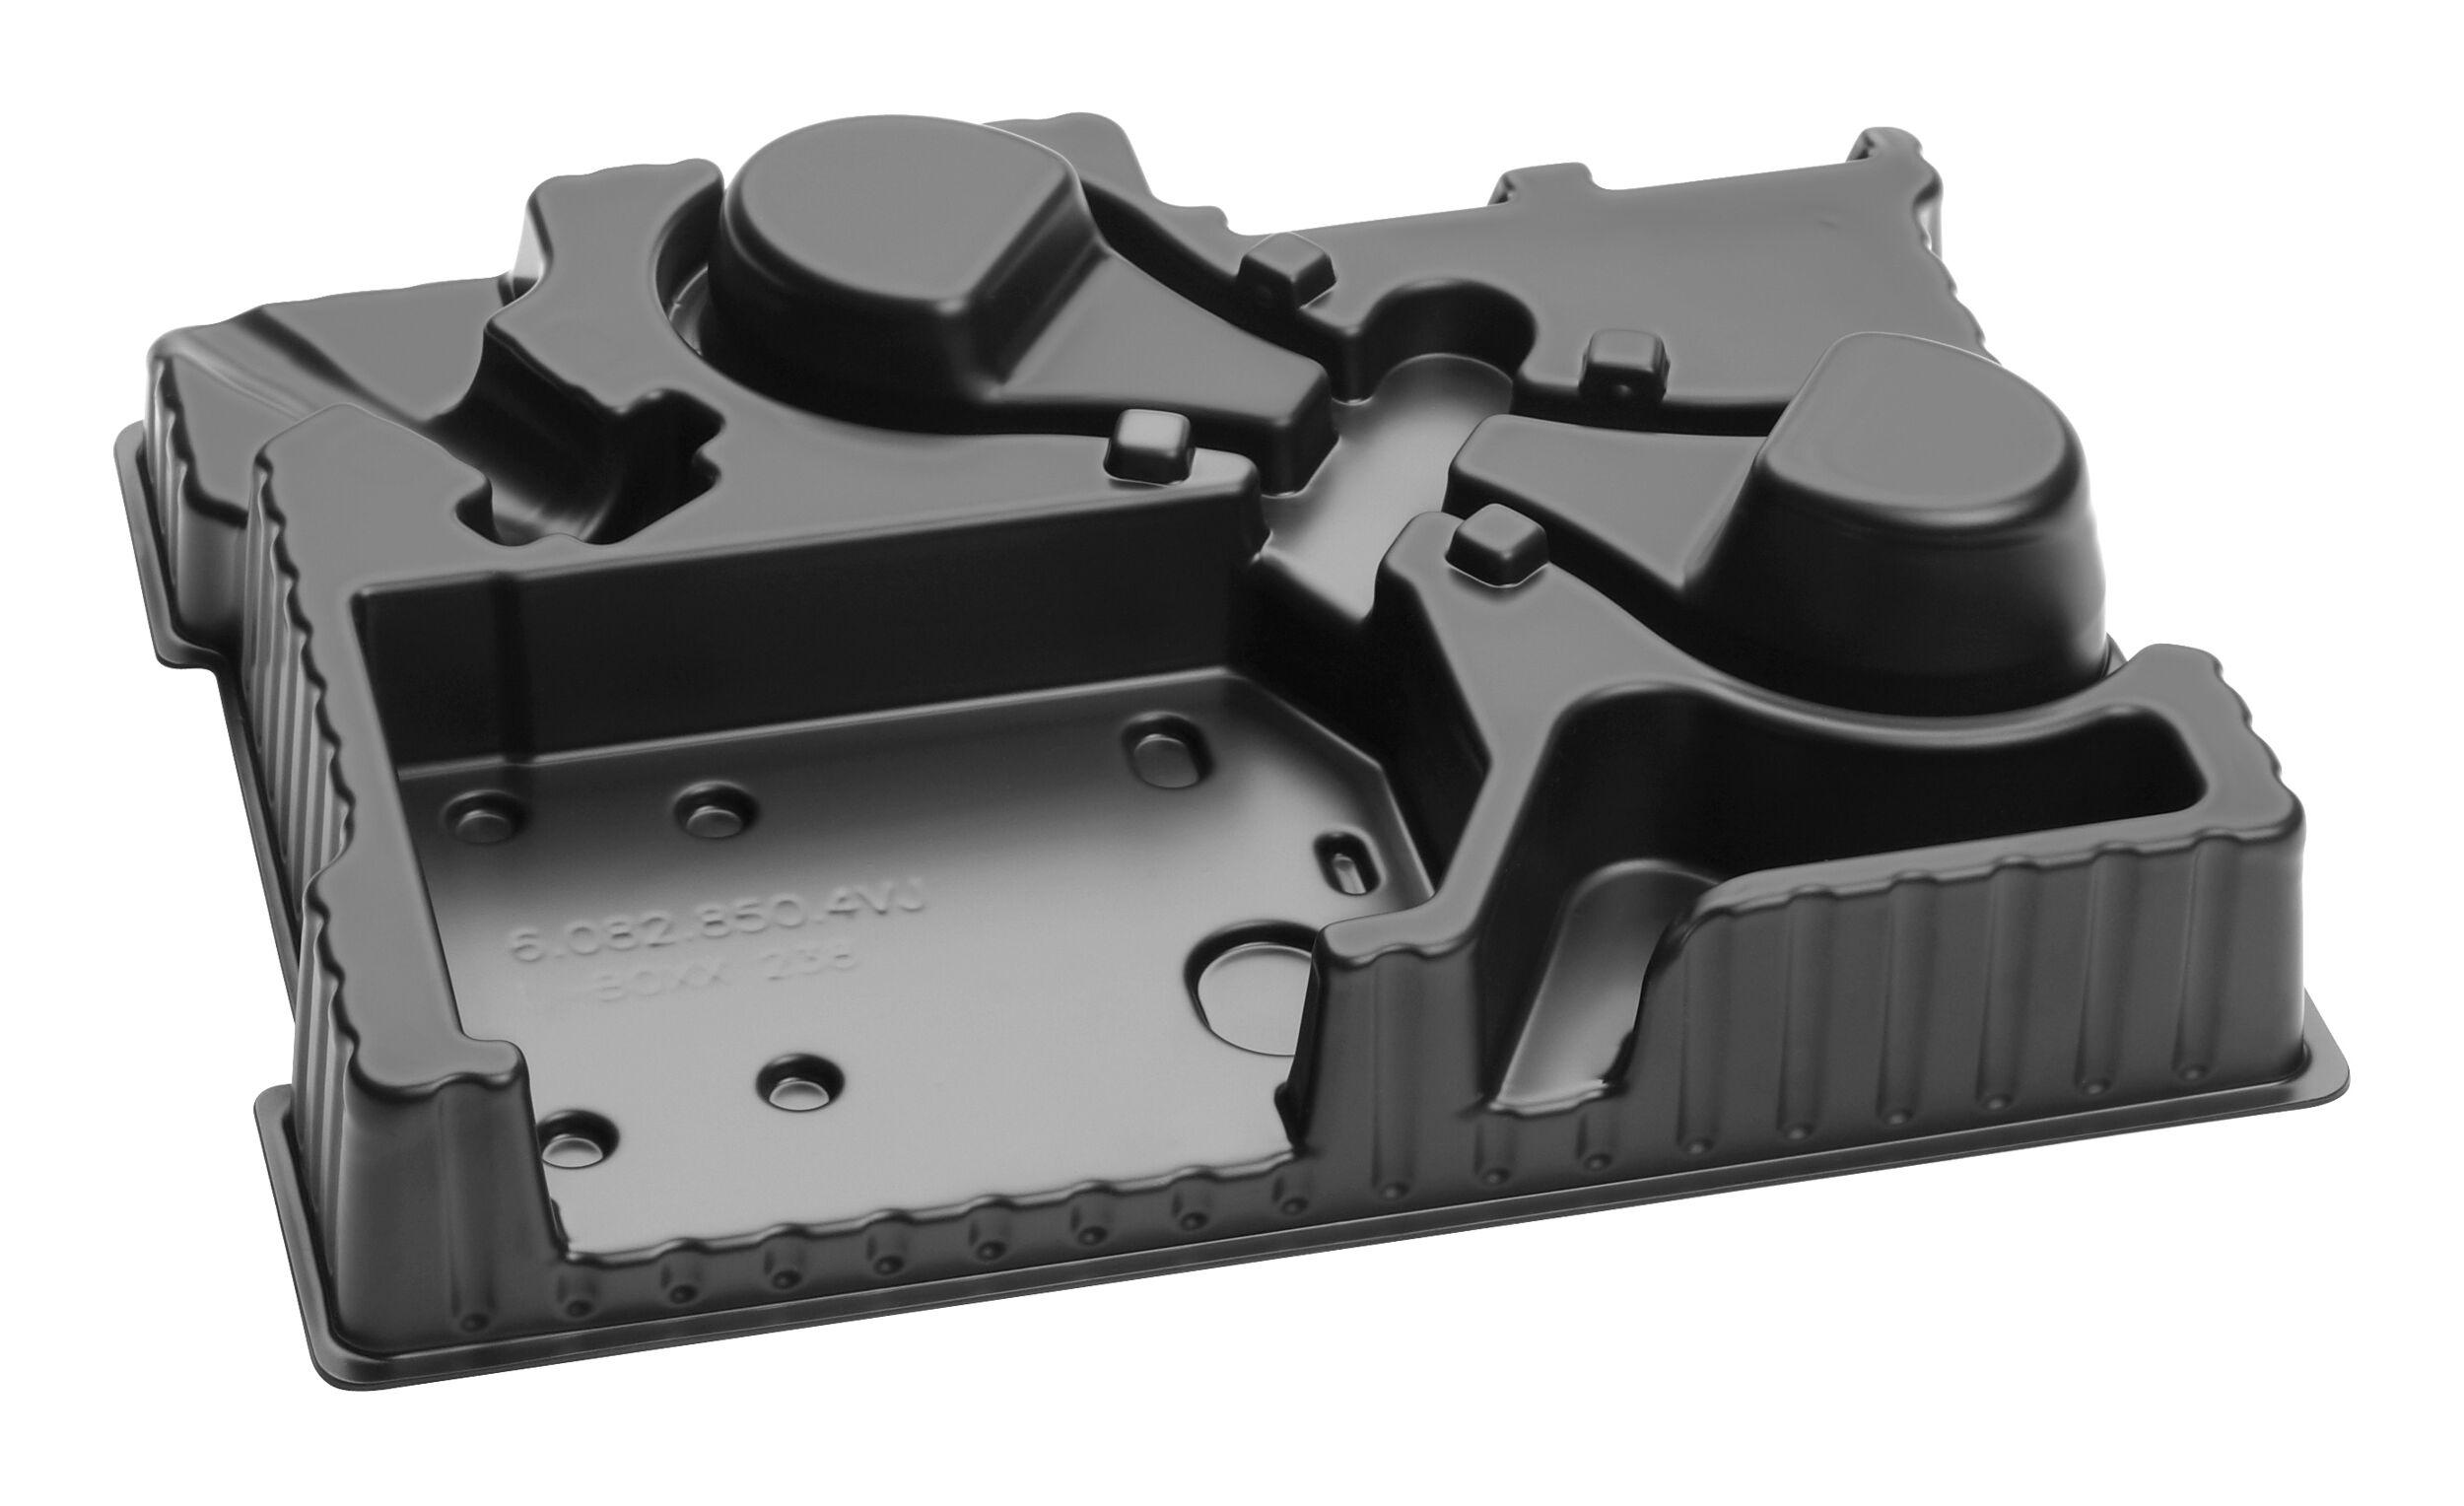 Blau Professional Einlage zur Werkzeugaufbewahrung unter Einlage... 1600A002W9